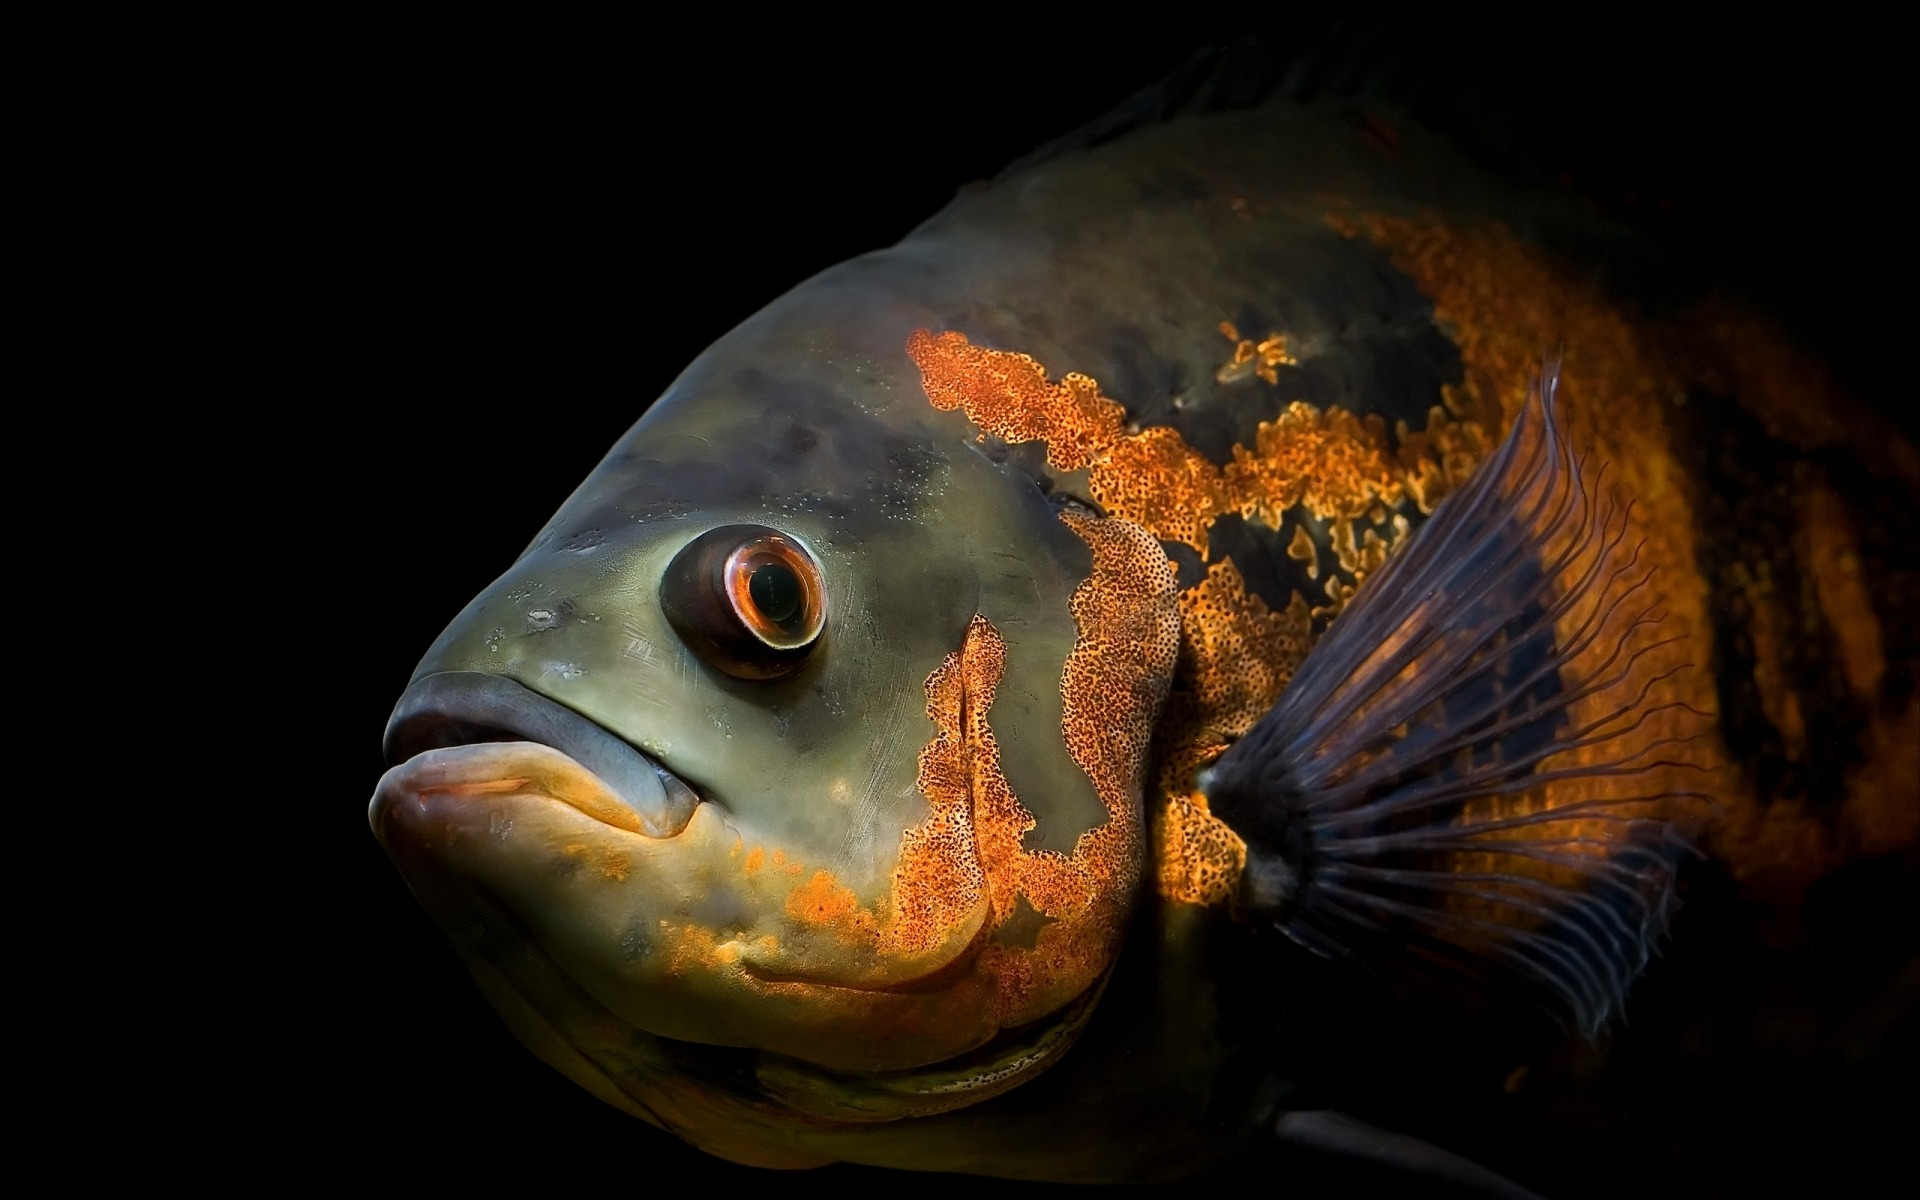 Collection Sea Creatures Wallpaper Weird